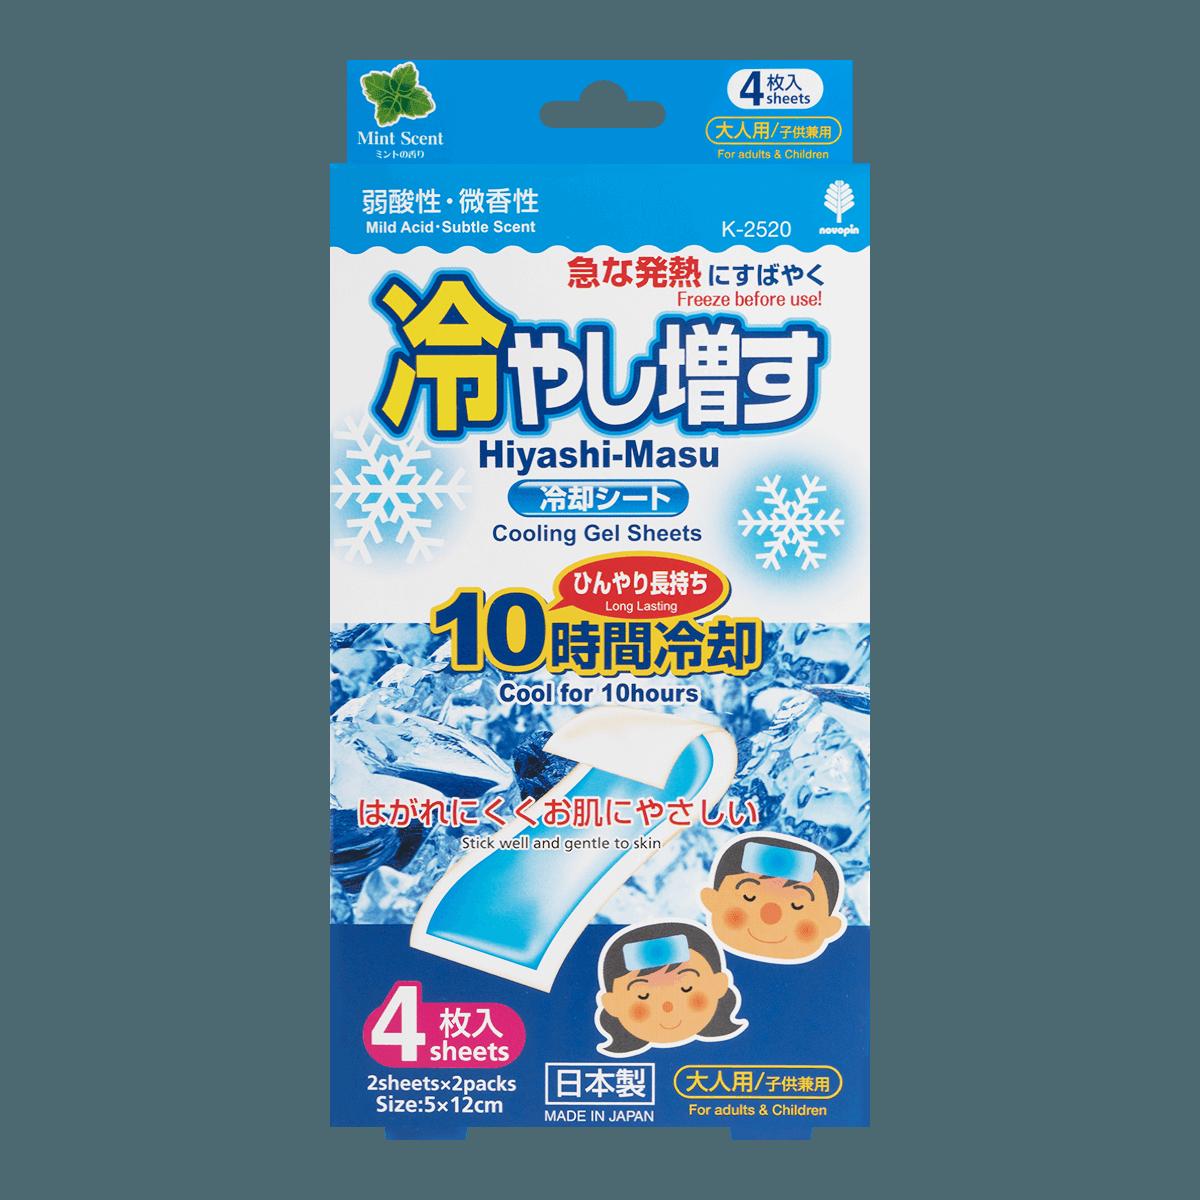 日本KOKUBO小久保 长效退热贴降温贴 #薄荷香味 4枚入 成人儿童适用